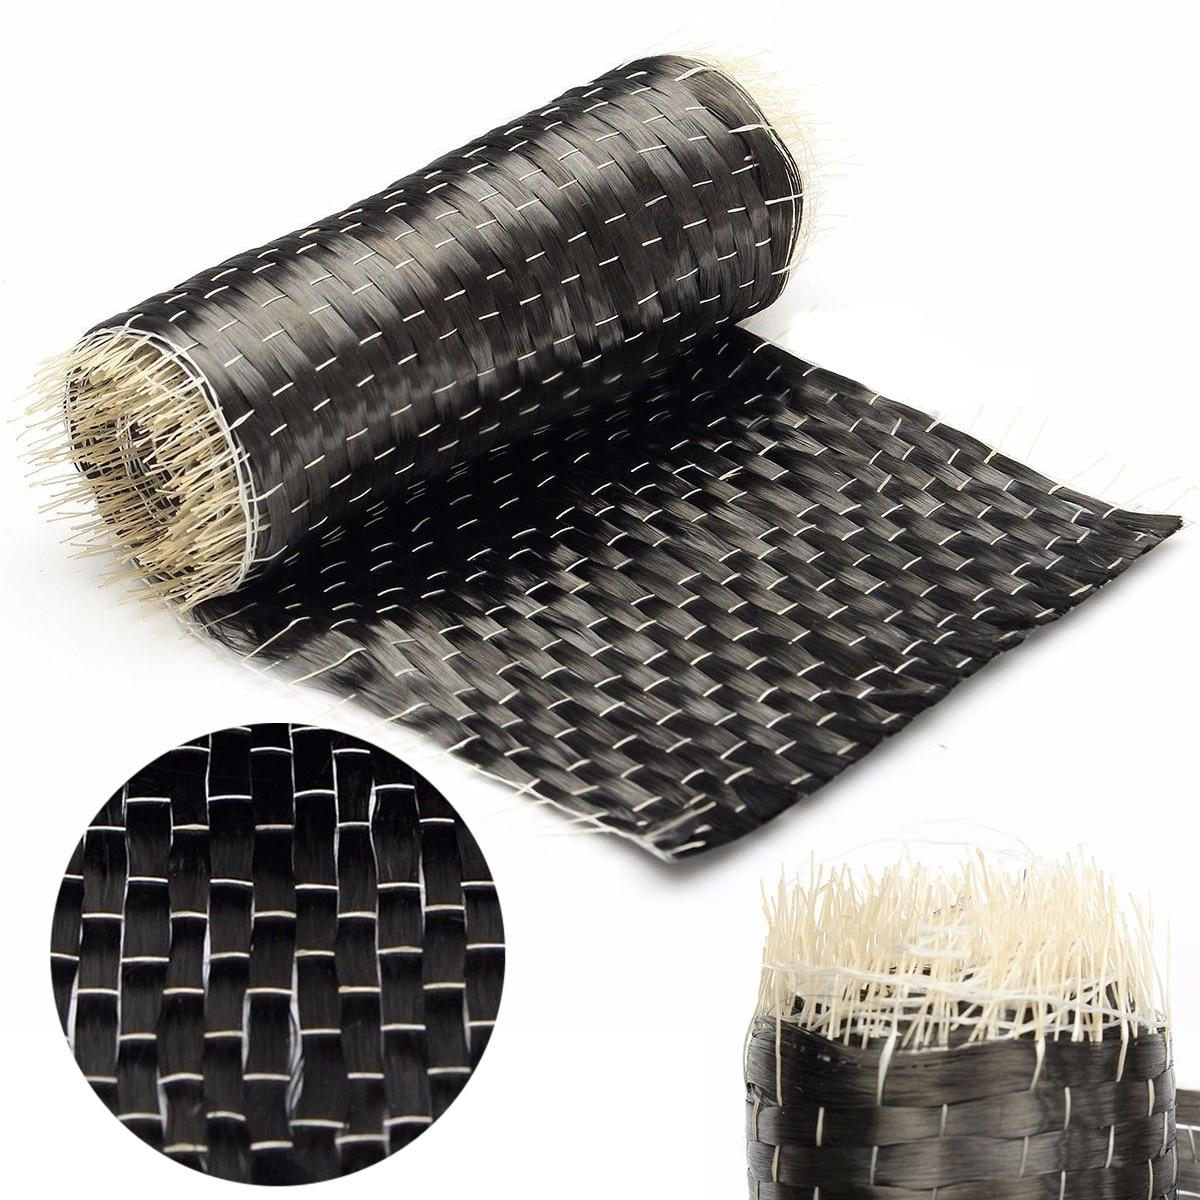 10*100 см черная ткань из углеродного волокна лента однонаправленного переплетения 12K 200G ткань из углеродного волокна для защиты от огня архитектура